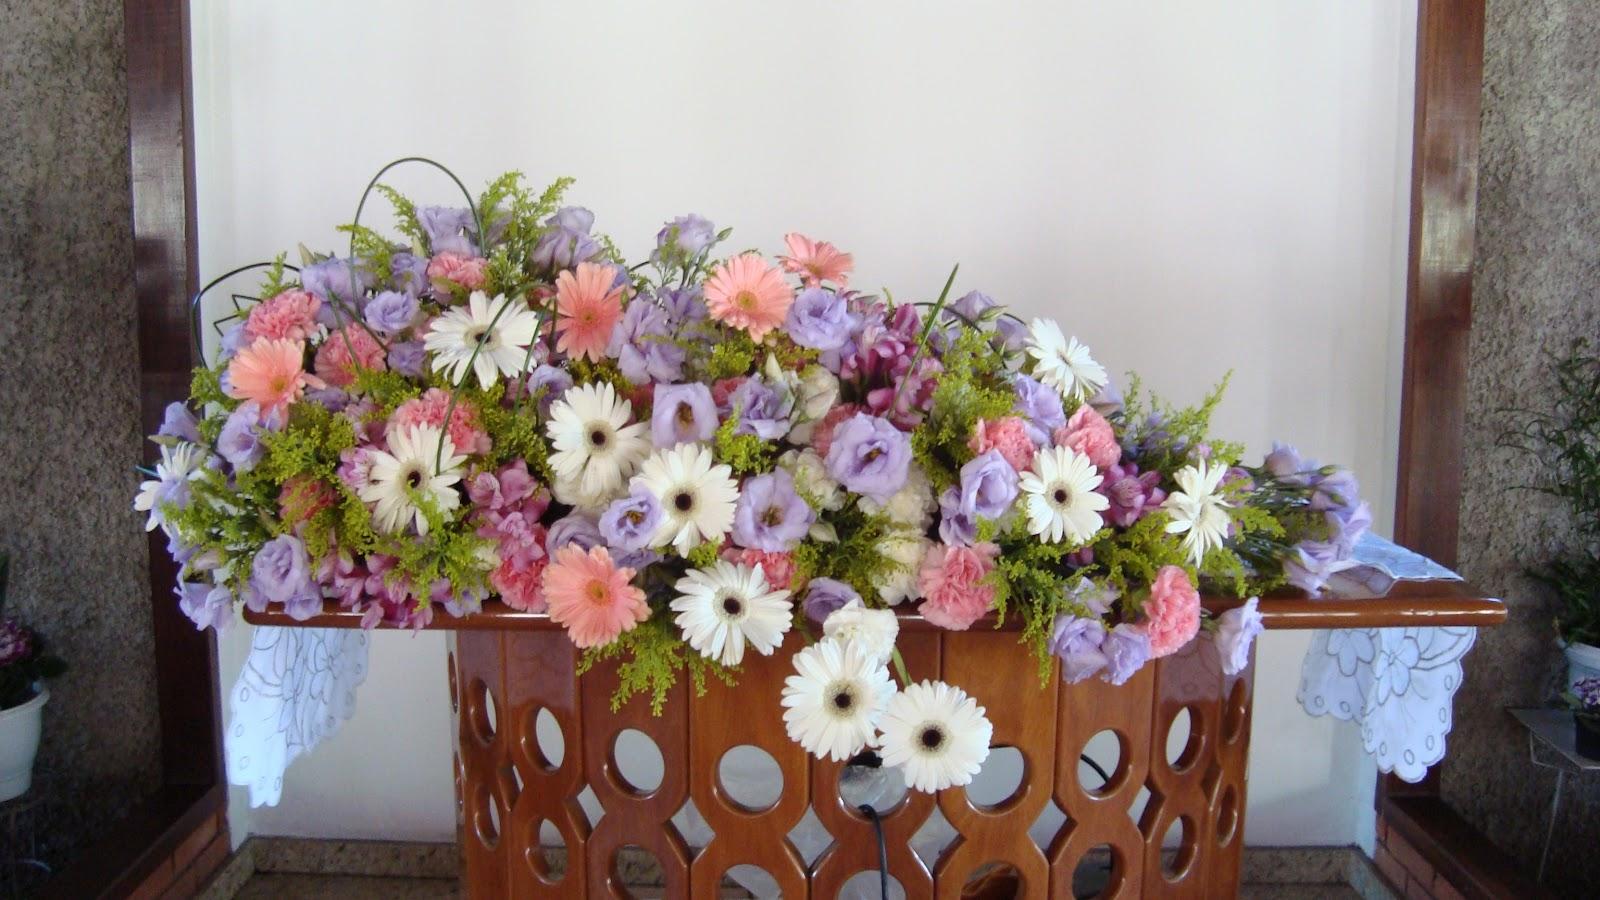 flores jardim camburi:quiz arranjos laterais gente, não precisava mesmo, pois o jardim